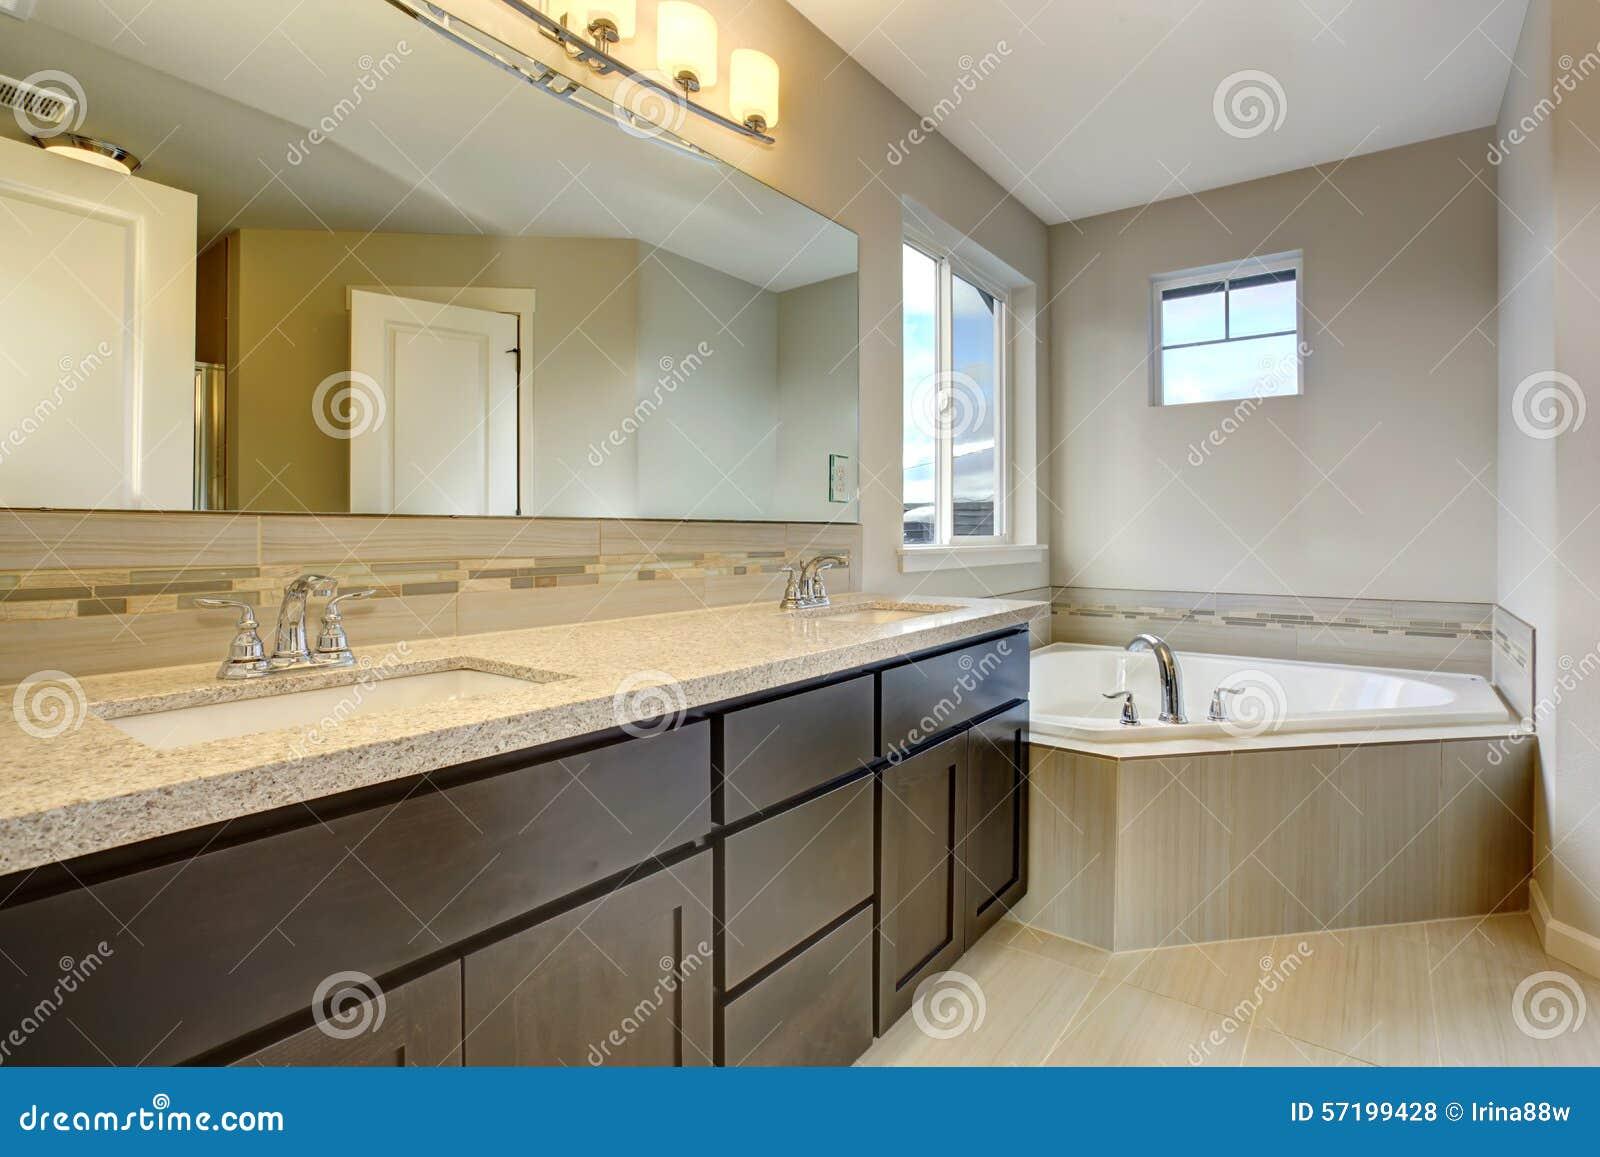 Mooie Badkamers Fotos : Resultado de imagen de mooie kleine badkamers ideas para el baño